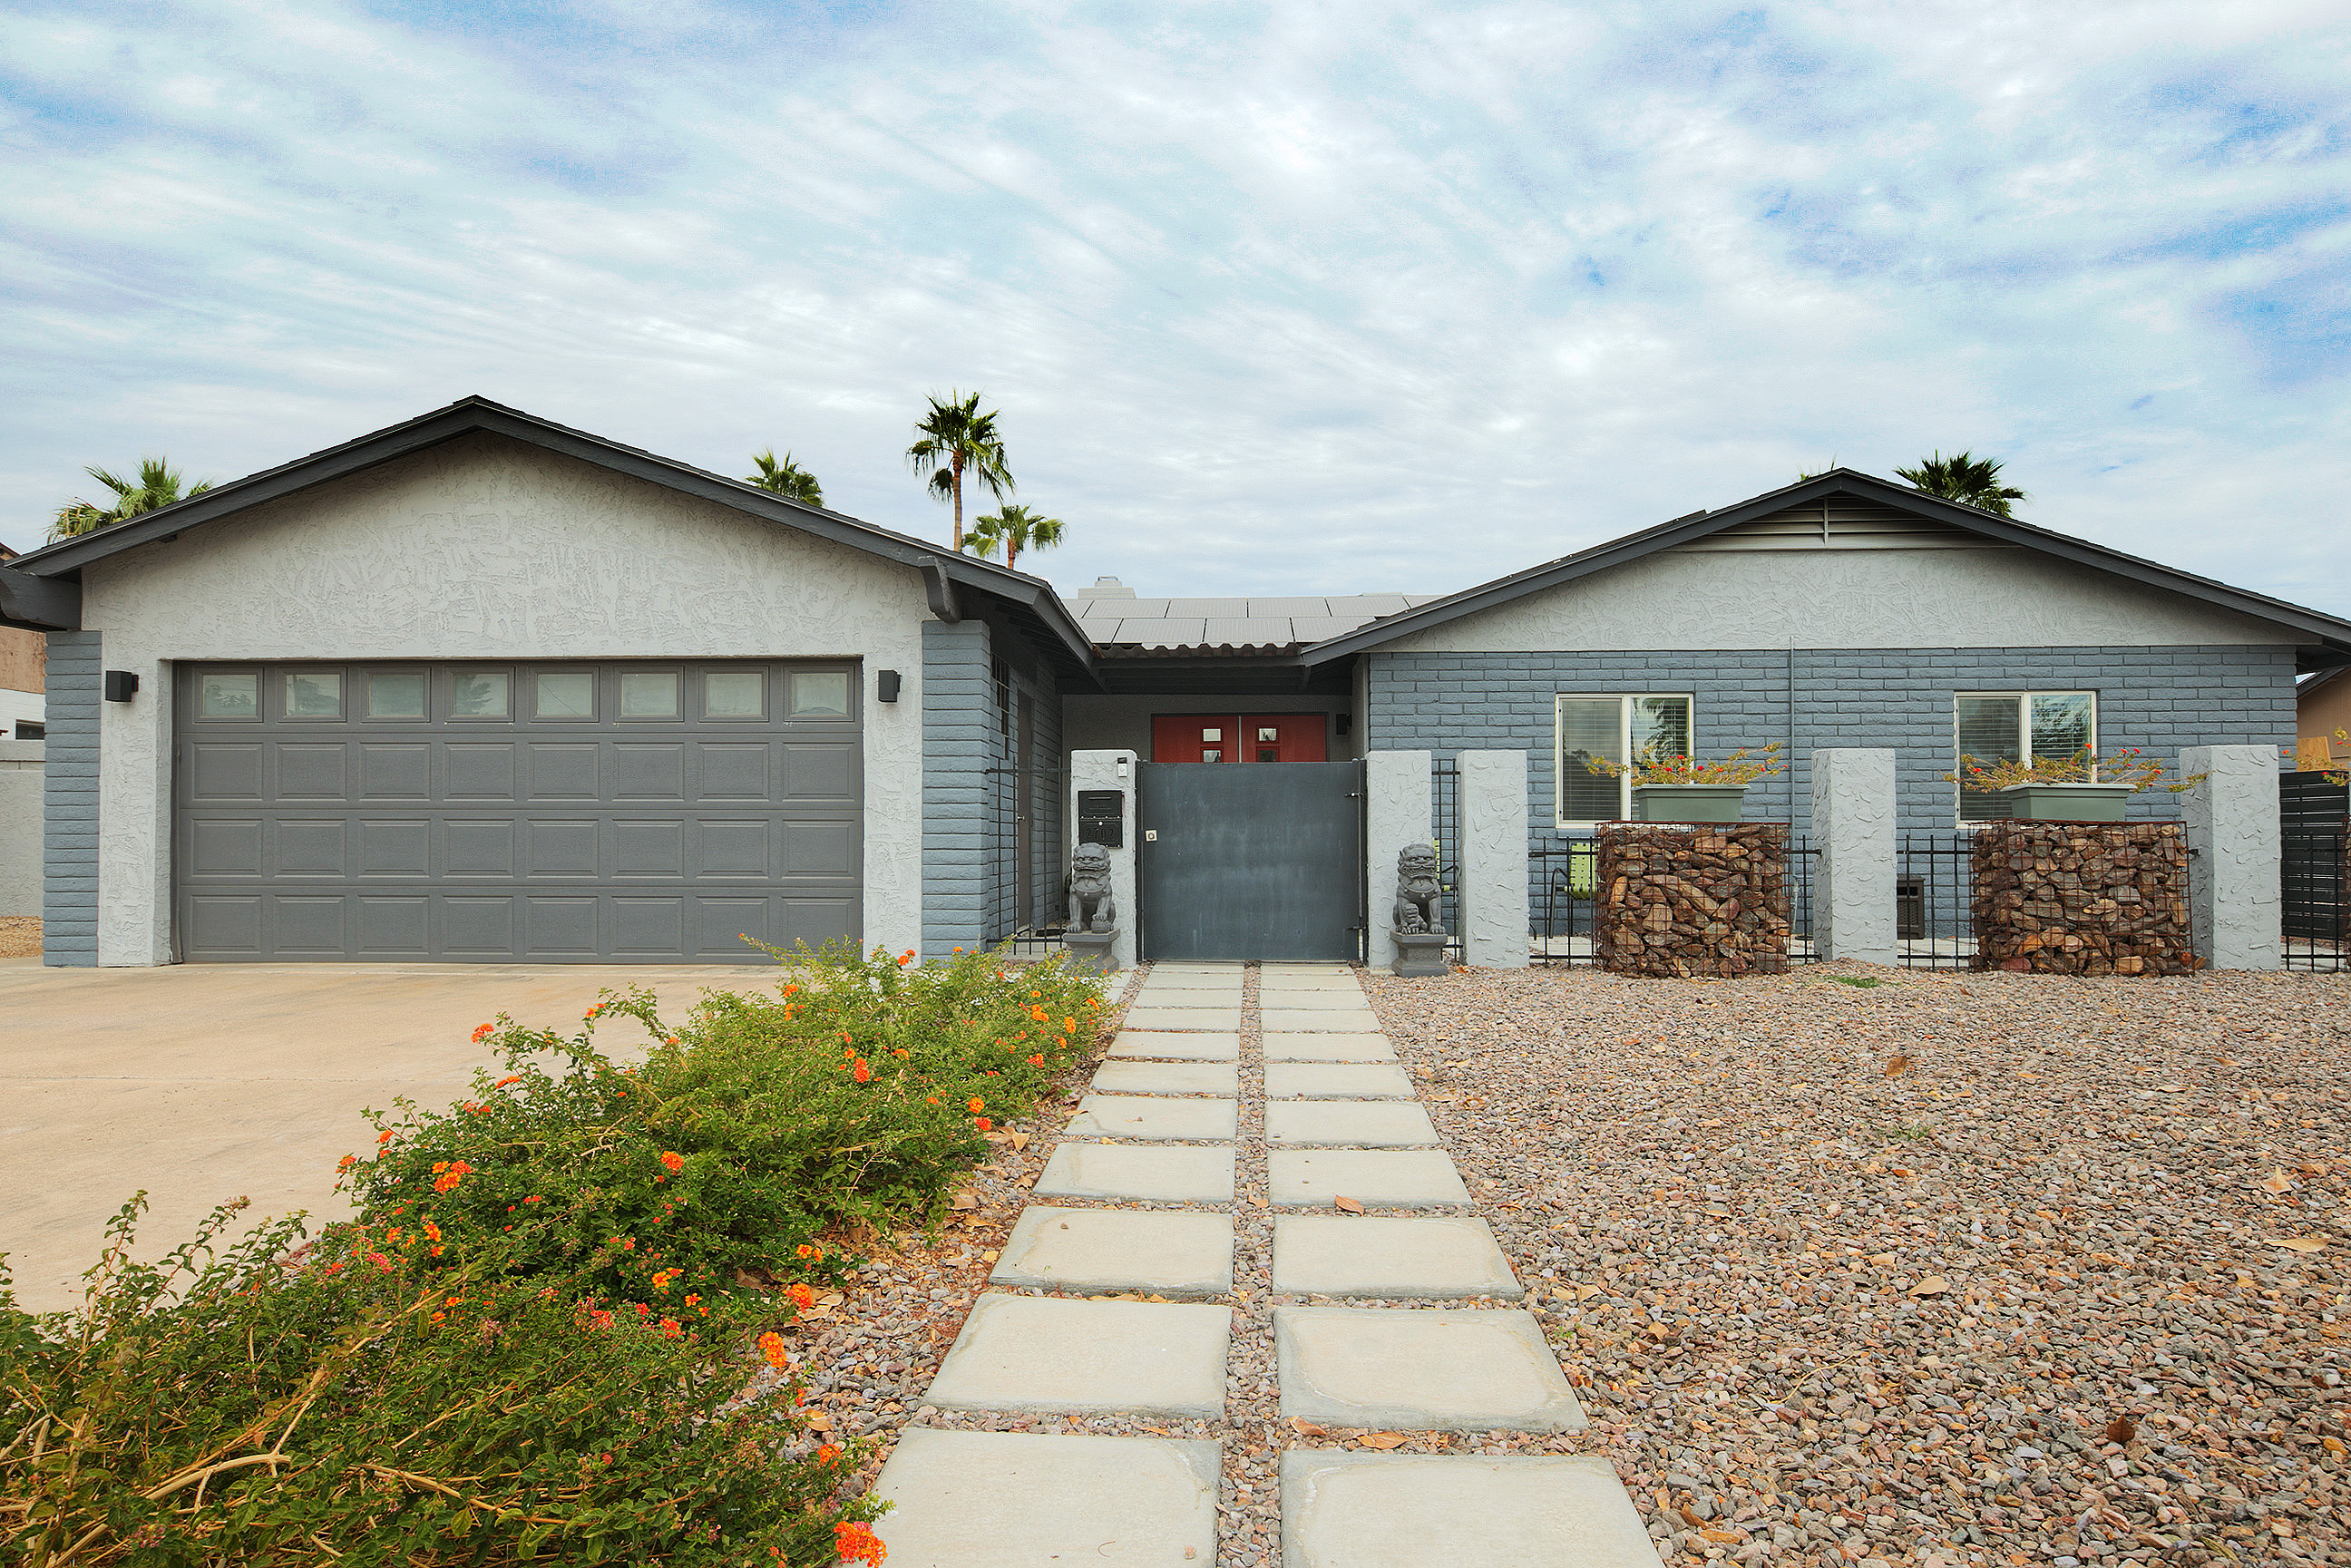 retainer ga garage home ideas seal full door doors aluminum installation depot bottom track phoenix delectable of size